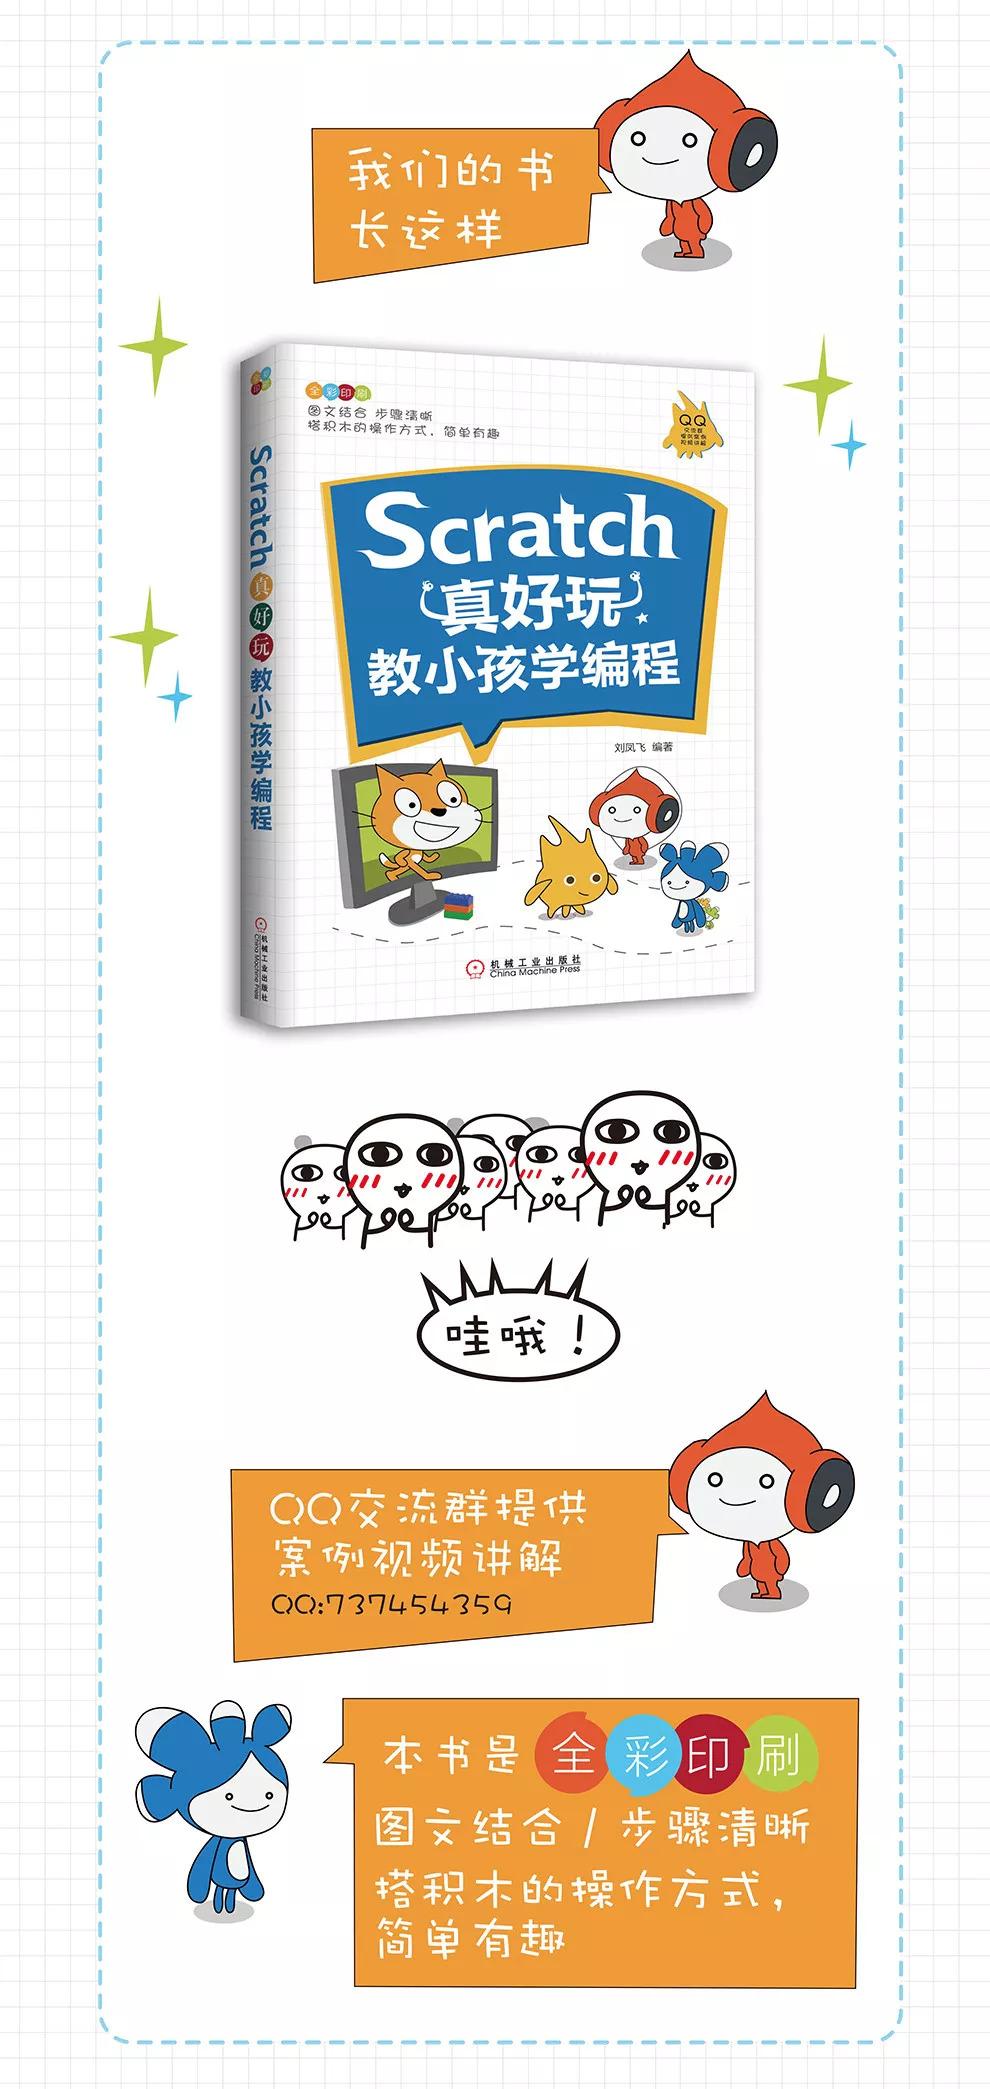 这是一本小学生就能看懂的编程书